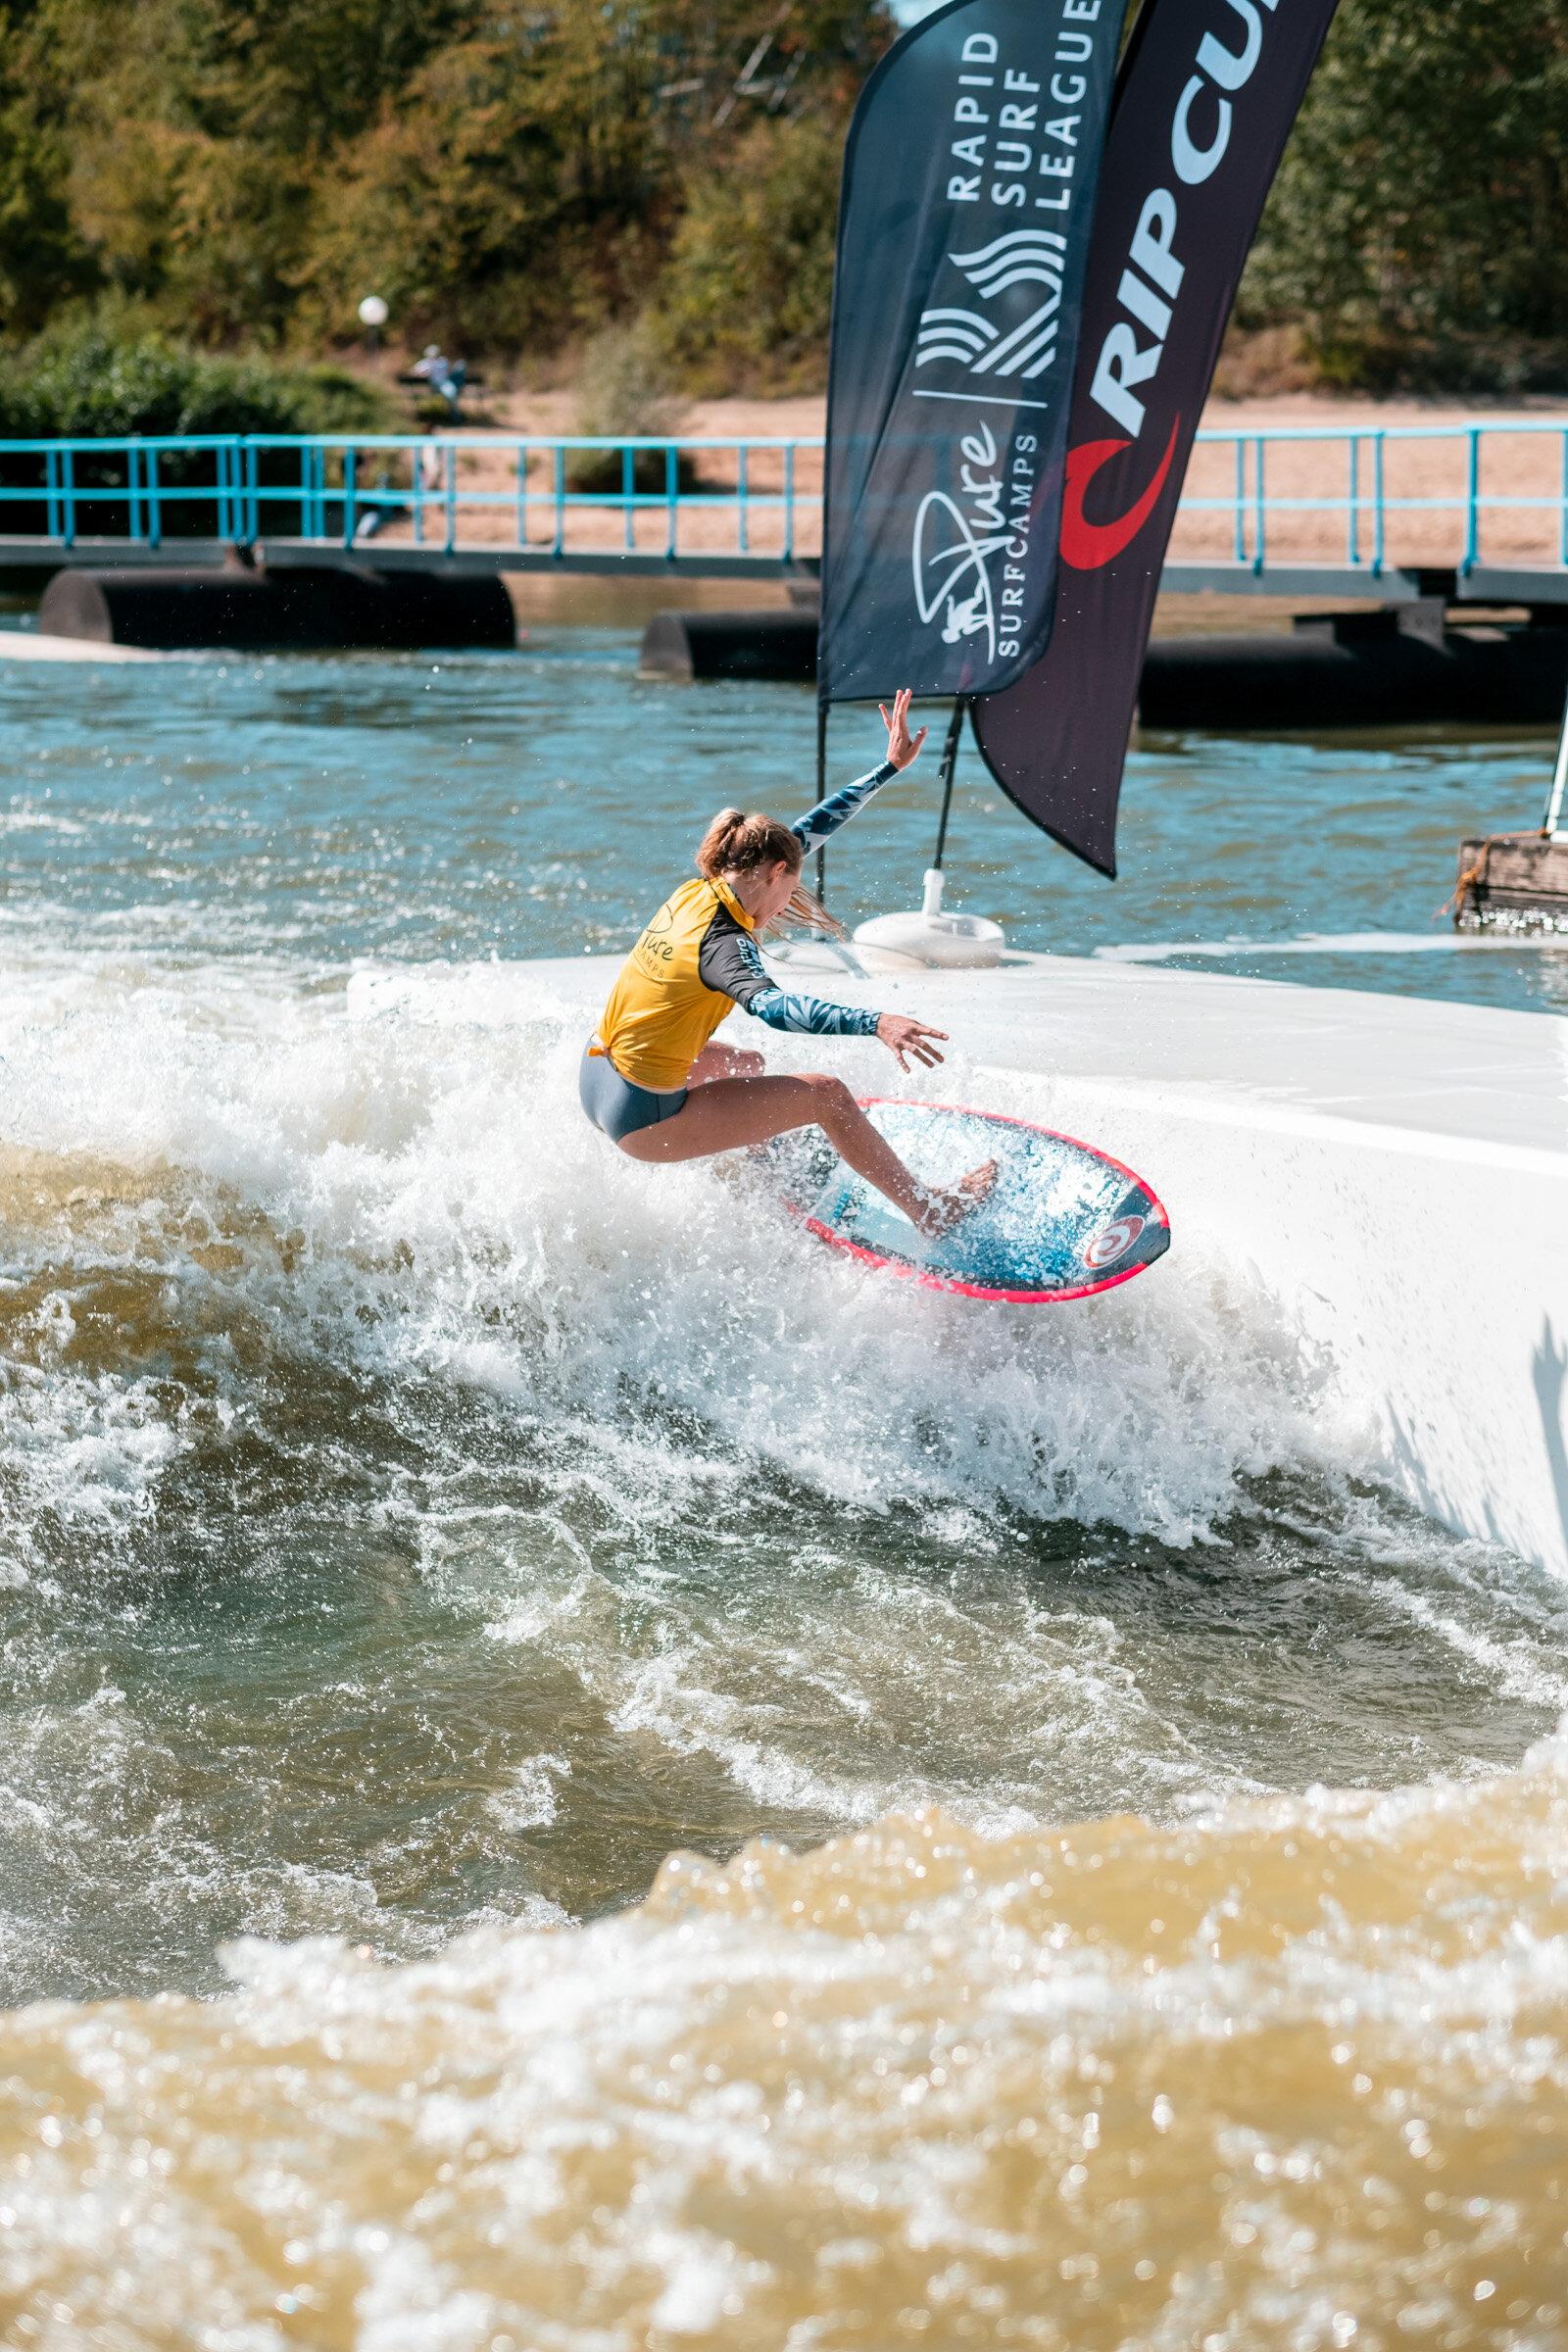 rapid-surf-contest-derKristof-180.jpg